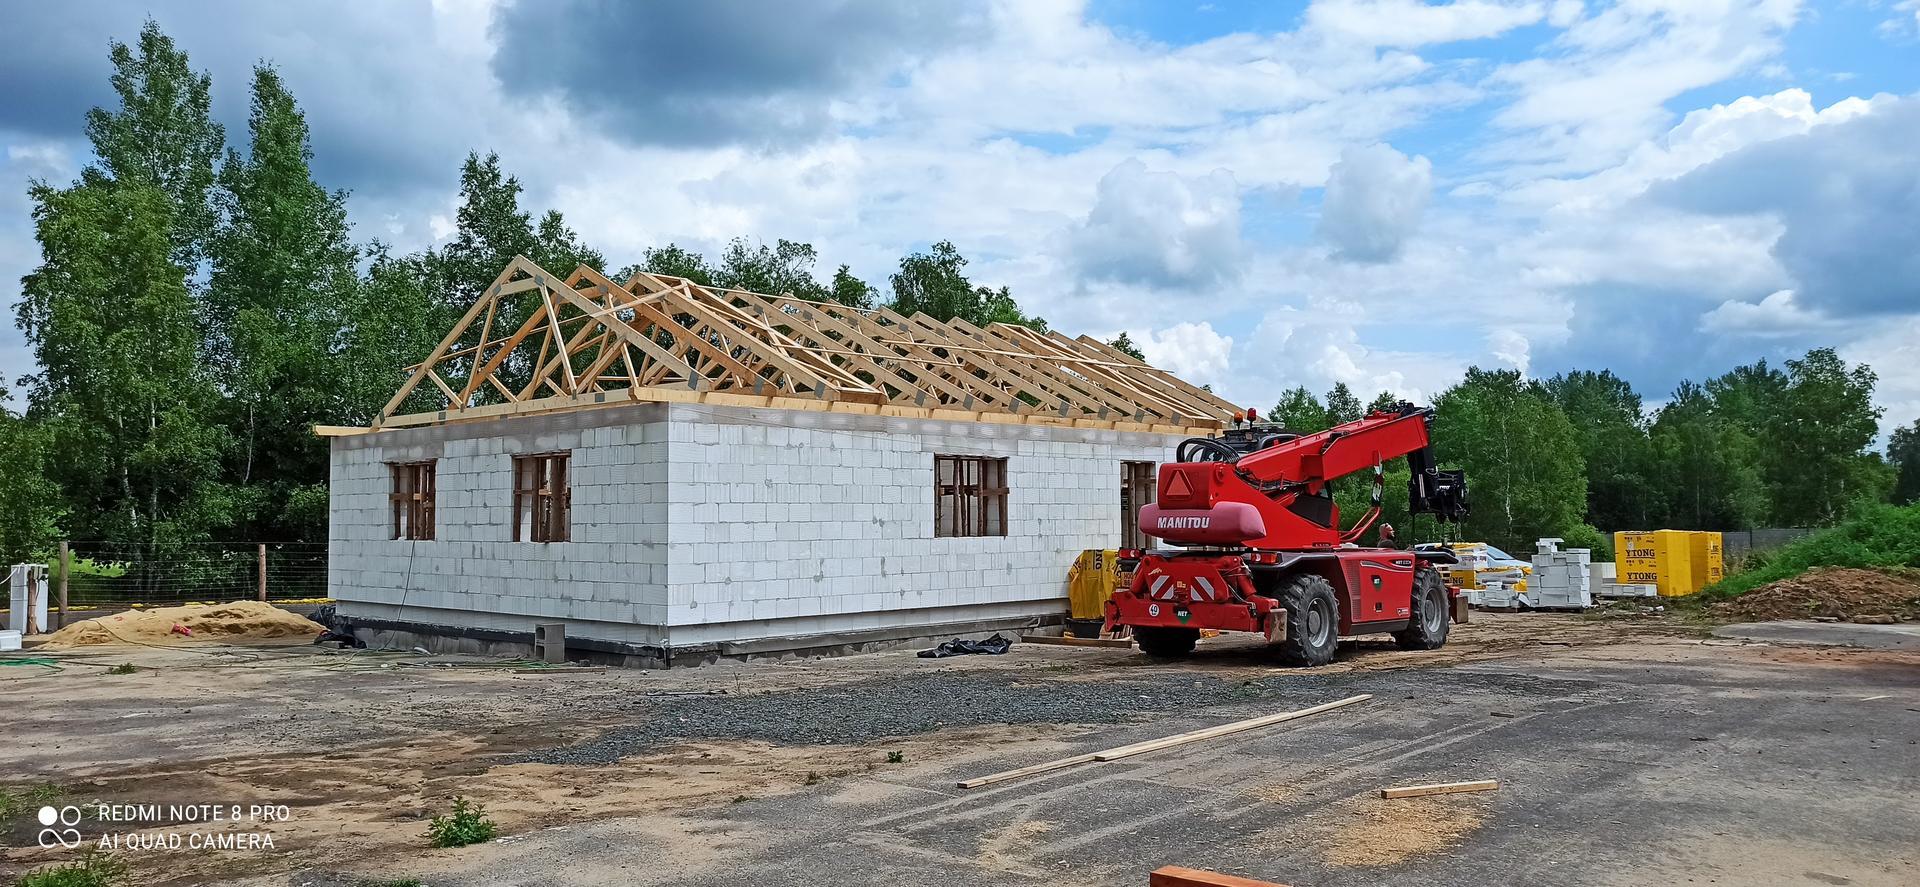 Střecha - Odjezd multifunkční mašiny Manitou